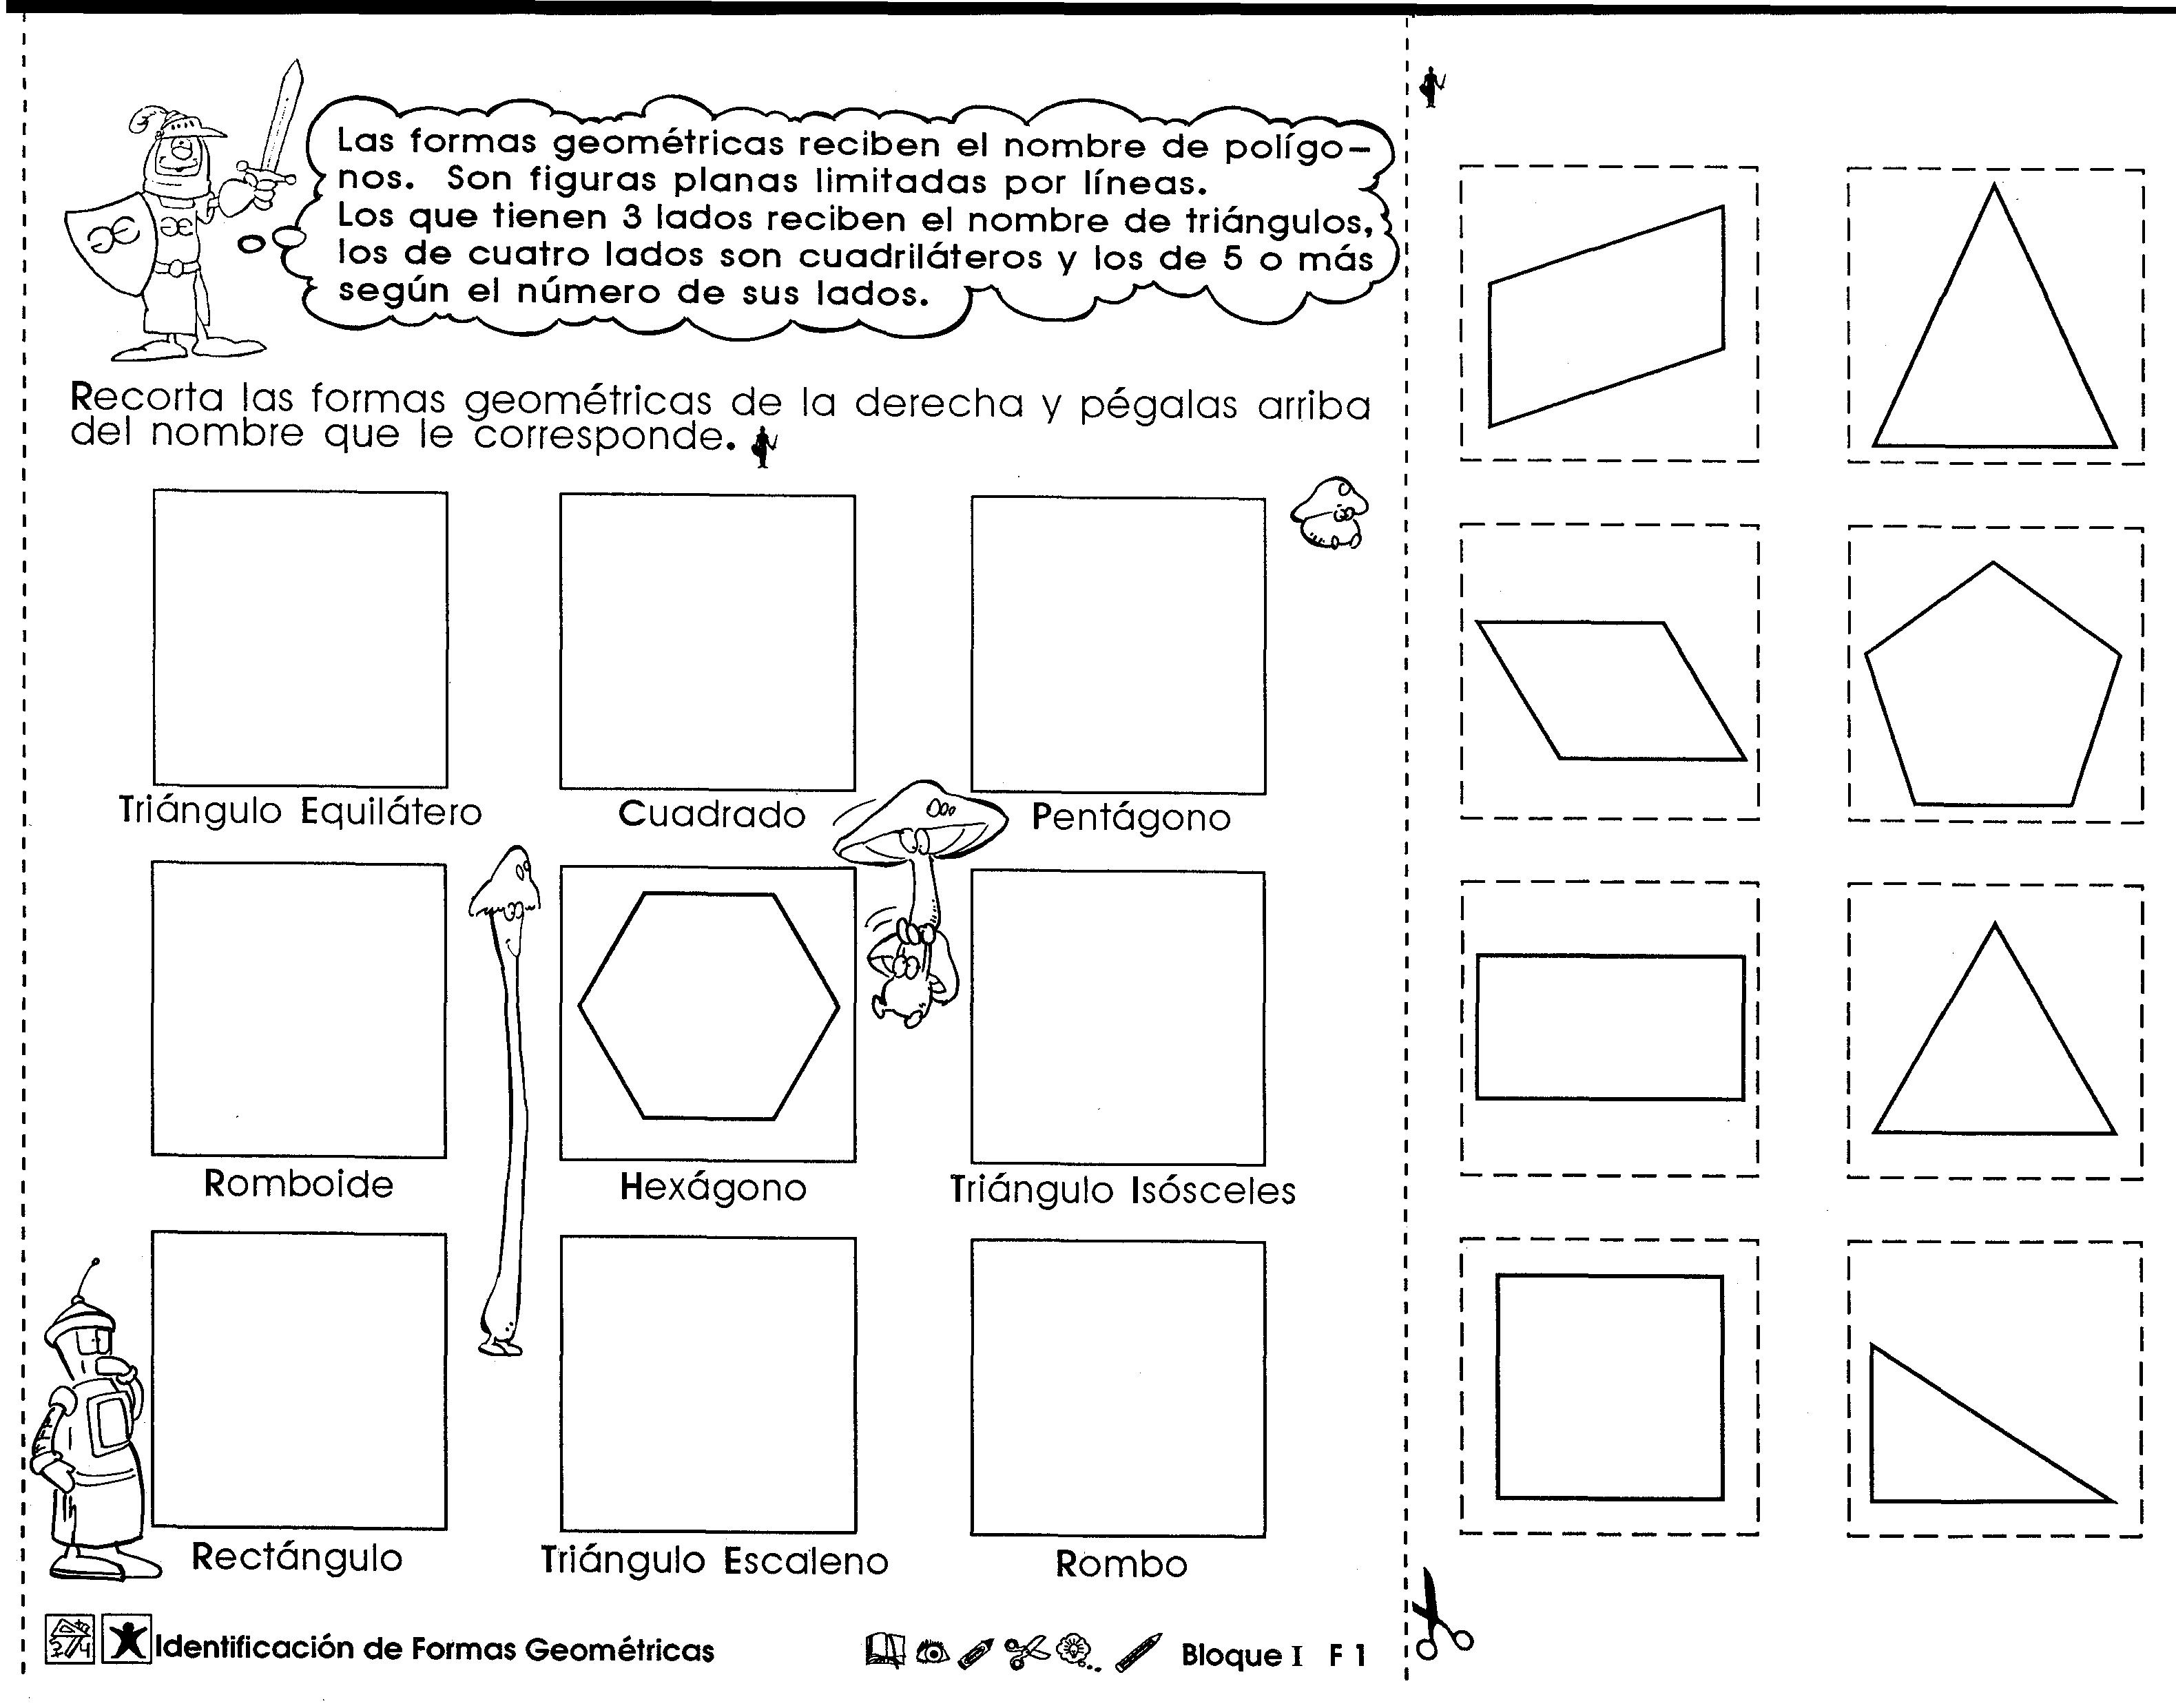 Ficha de ángulos correctos para sexto de primaria | Educación ...